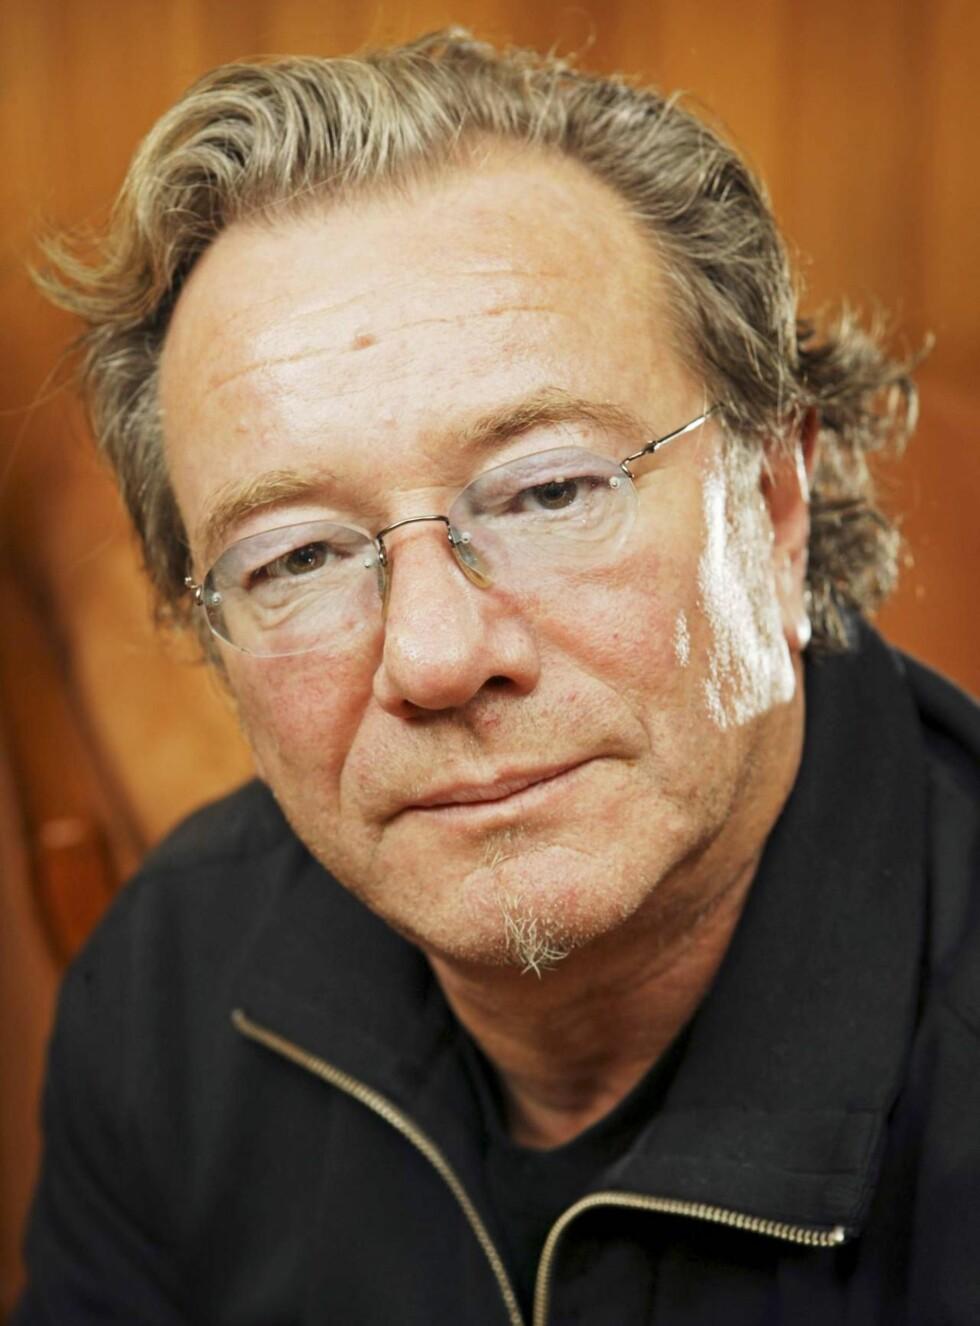 BANEBRYTER: Denne mannen er den viktigste i norsk rock - i hvert fall ifølge Bjørn Eidsvåg. Foto: Werner Juvik, Se og Hør